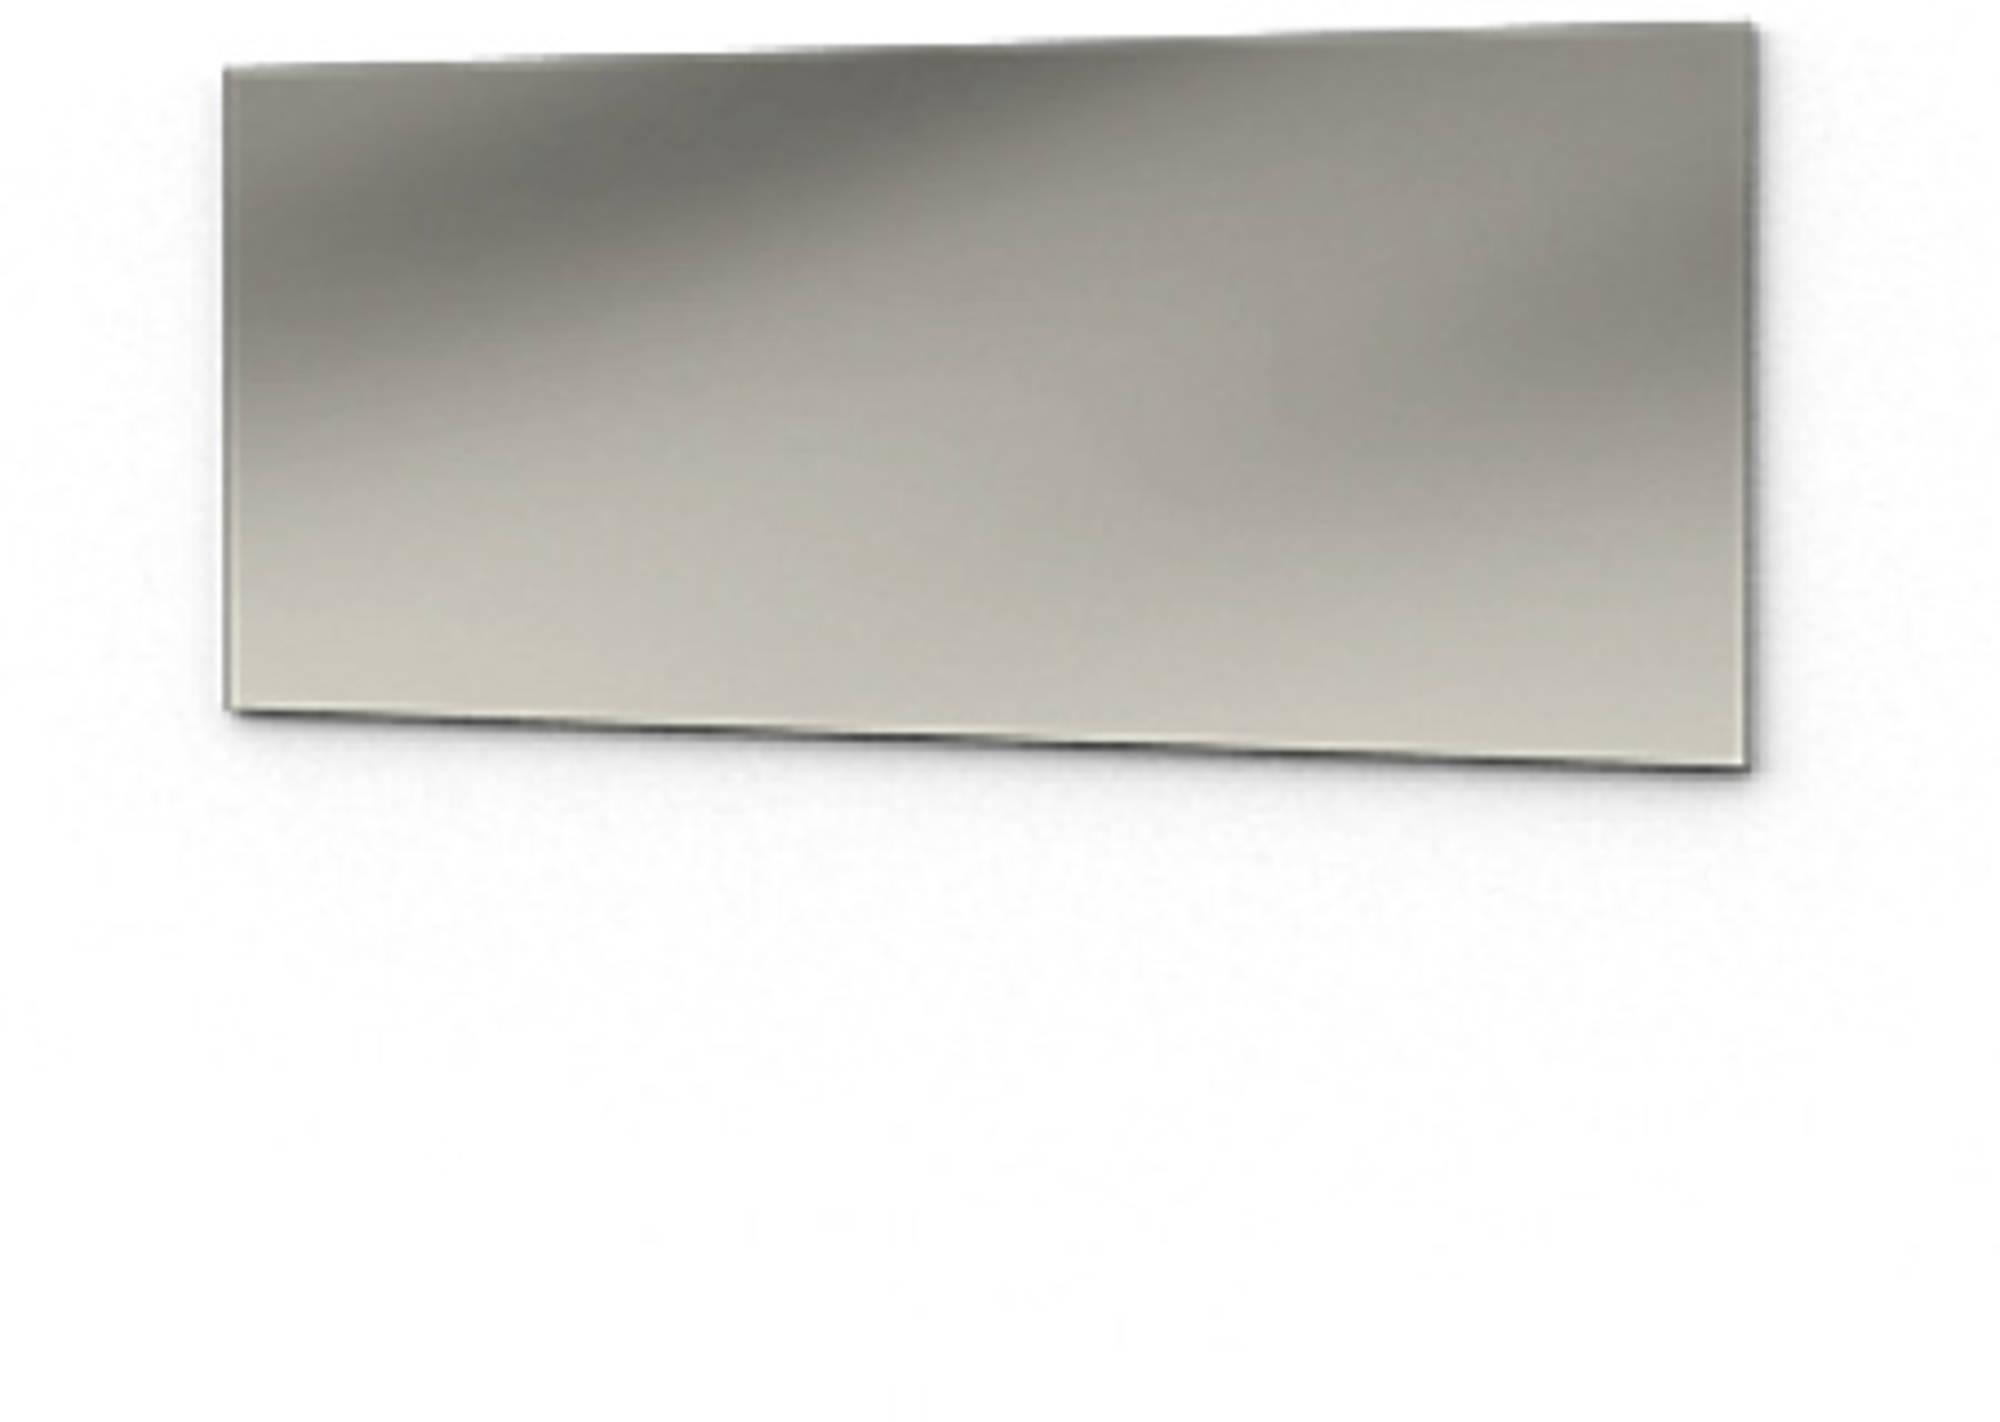 Ben Mirano Spiegel rondom Geslepen met blinde ophang 200,1-220x110,1-130 cm